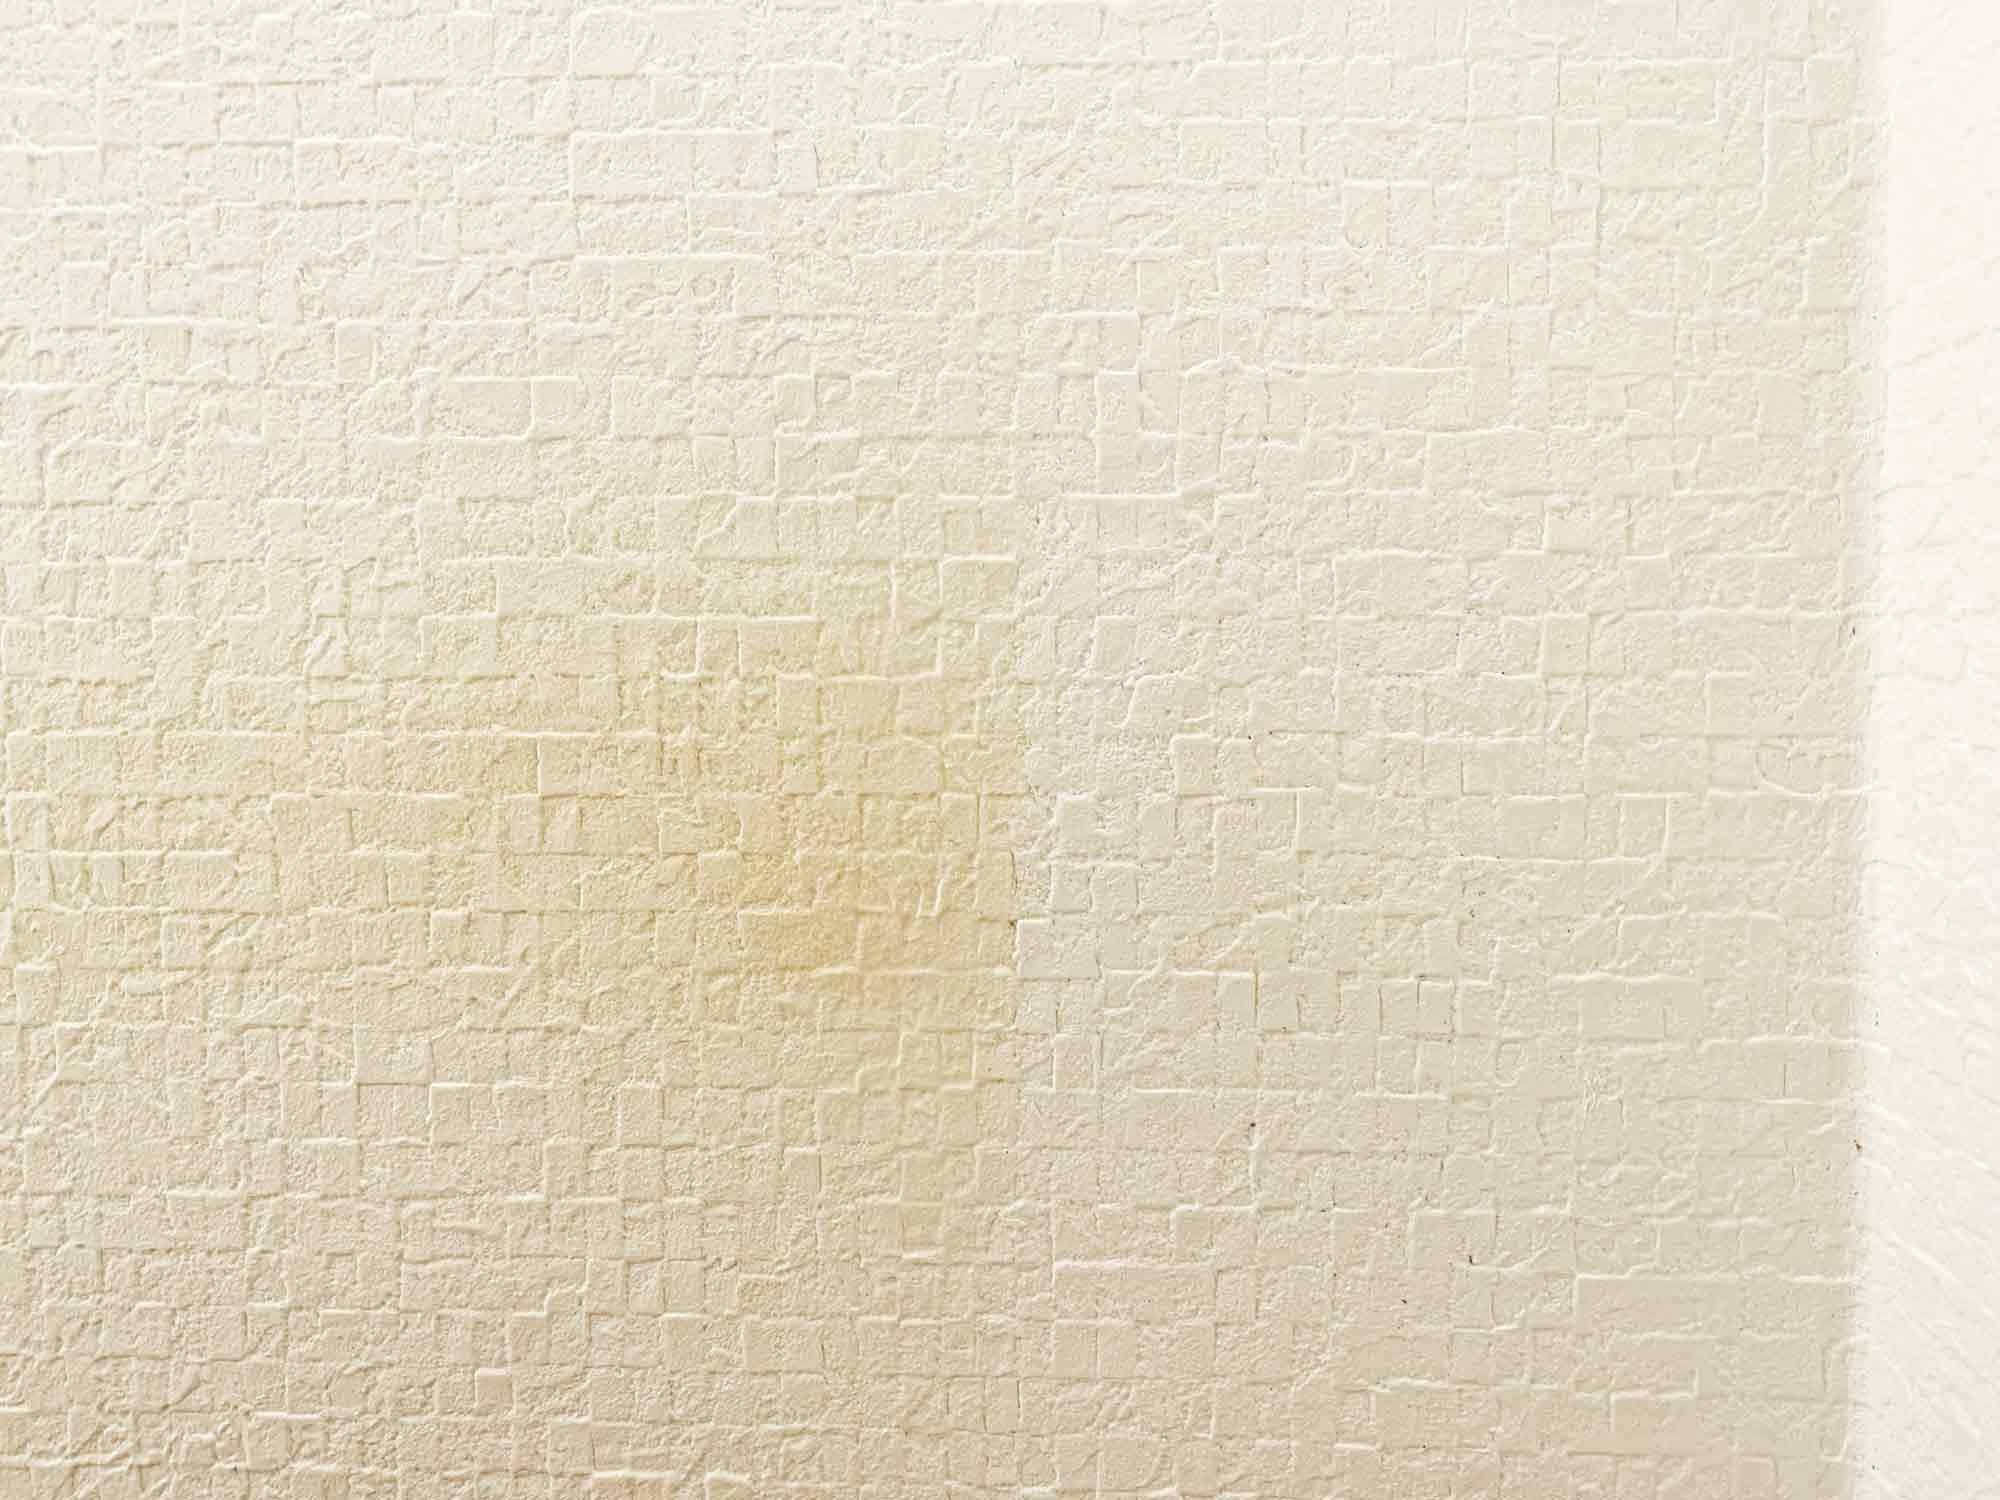 壁紙の黄ばみの右側半分をセスキ炭酸ソーダで除去した